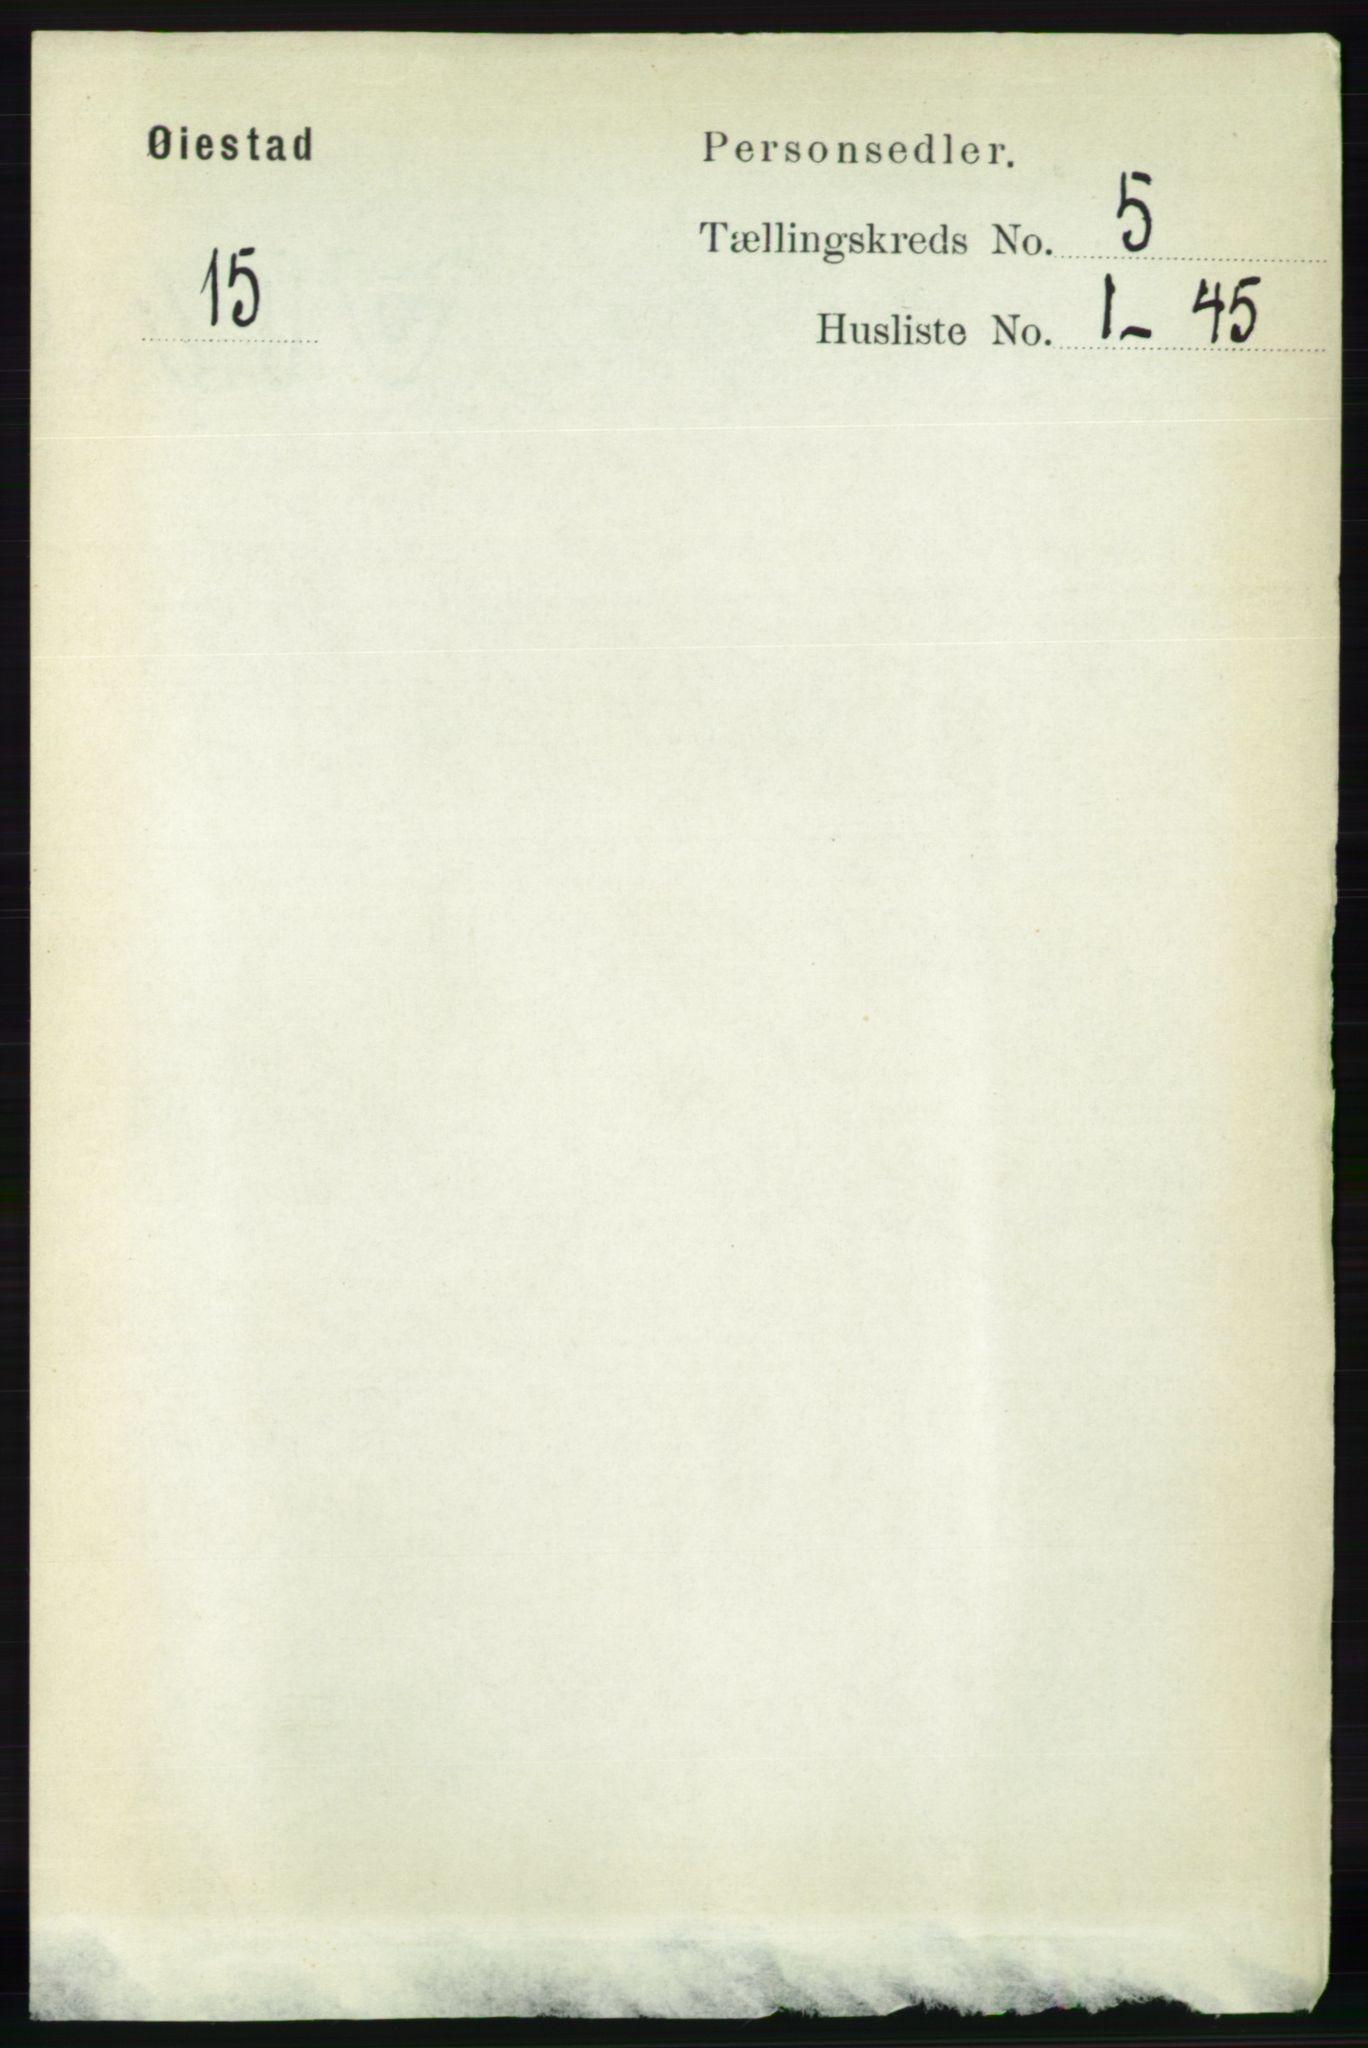 RA, Folketelling 1891 for 0920 Øyestad herred, 1891, s. 1809